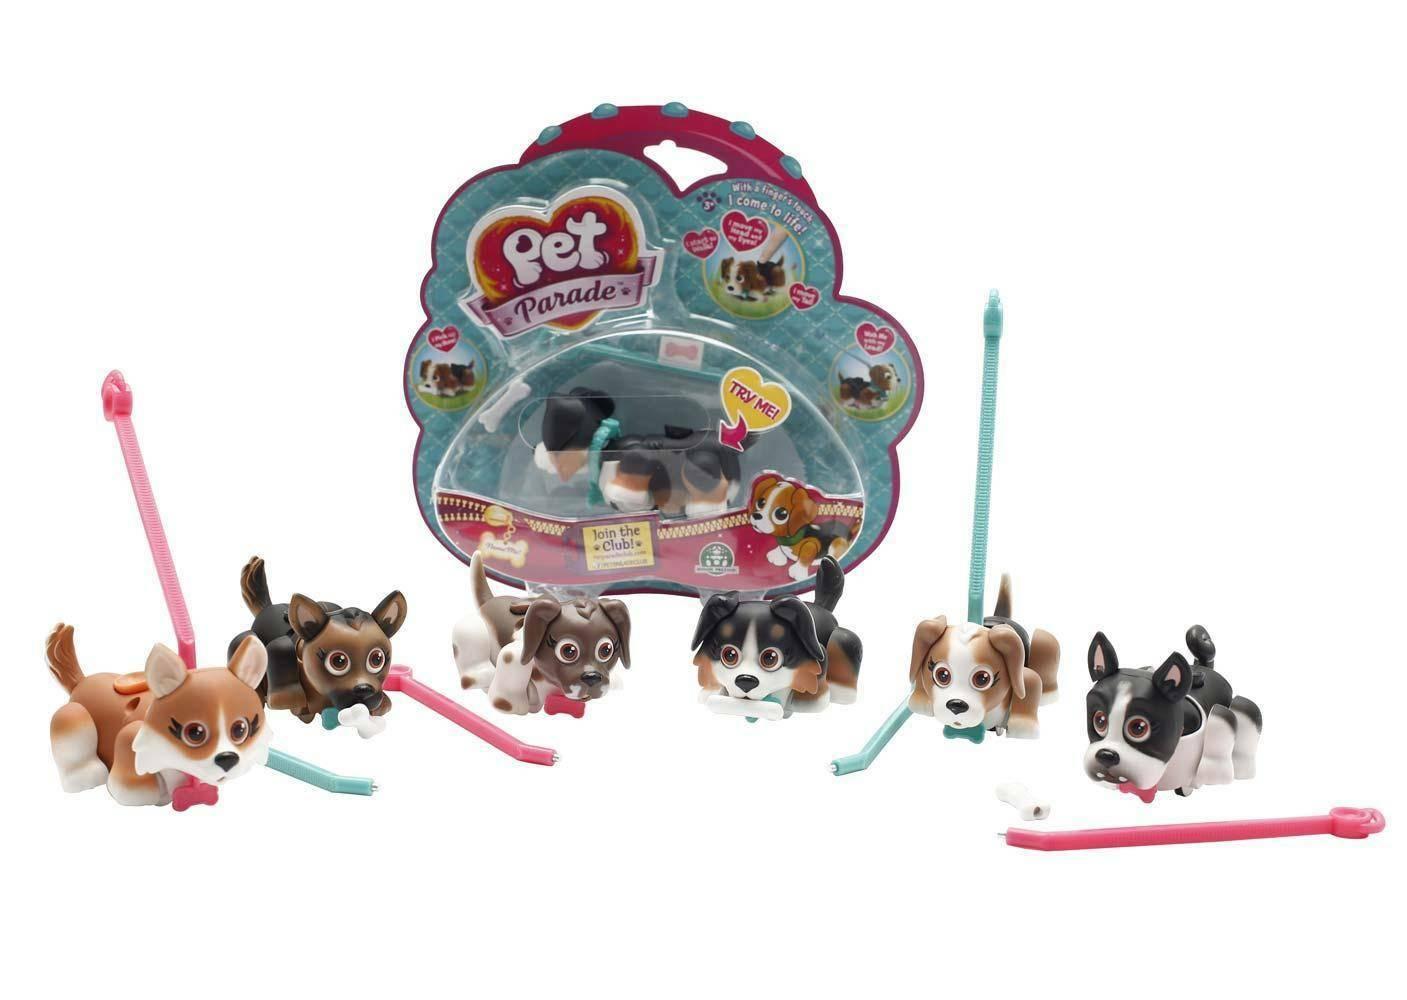 giochi preziosi giochi preziosi cane pet parade